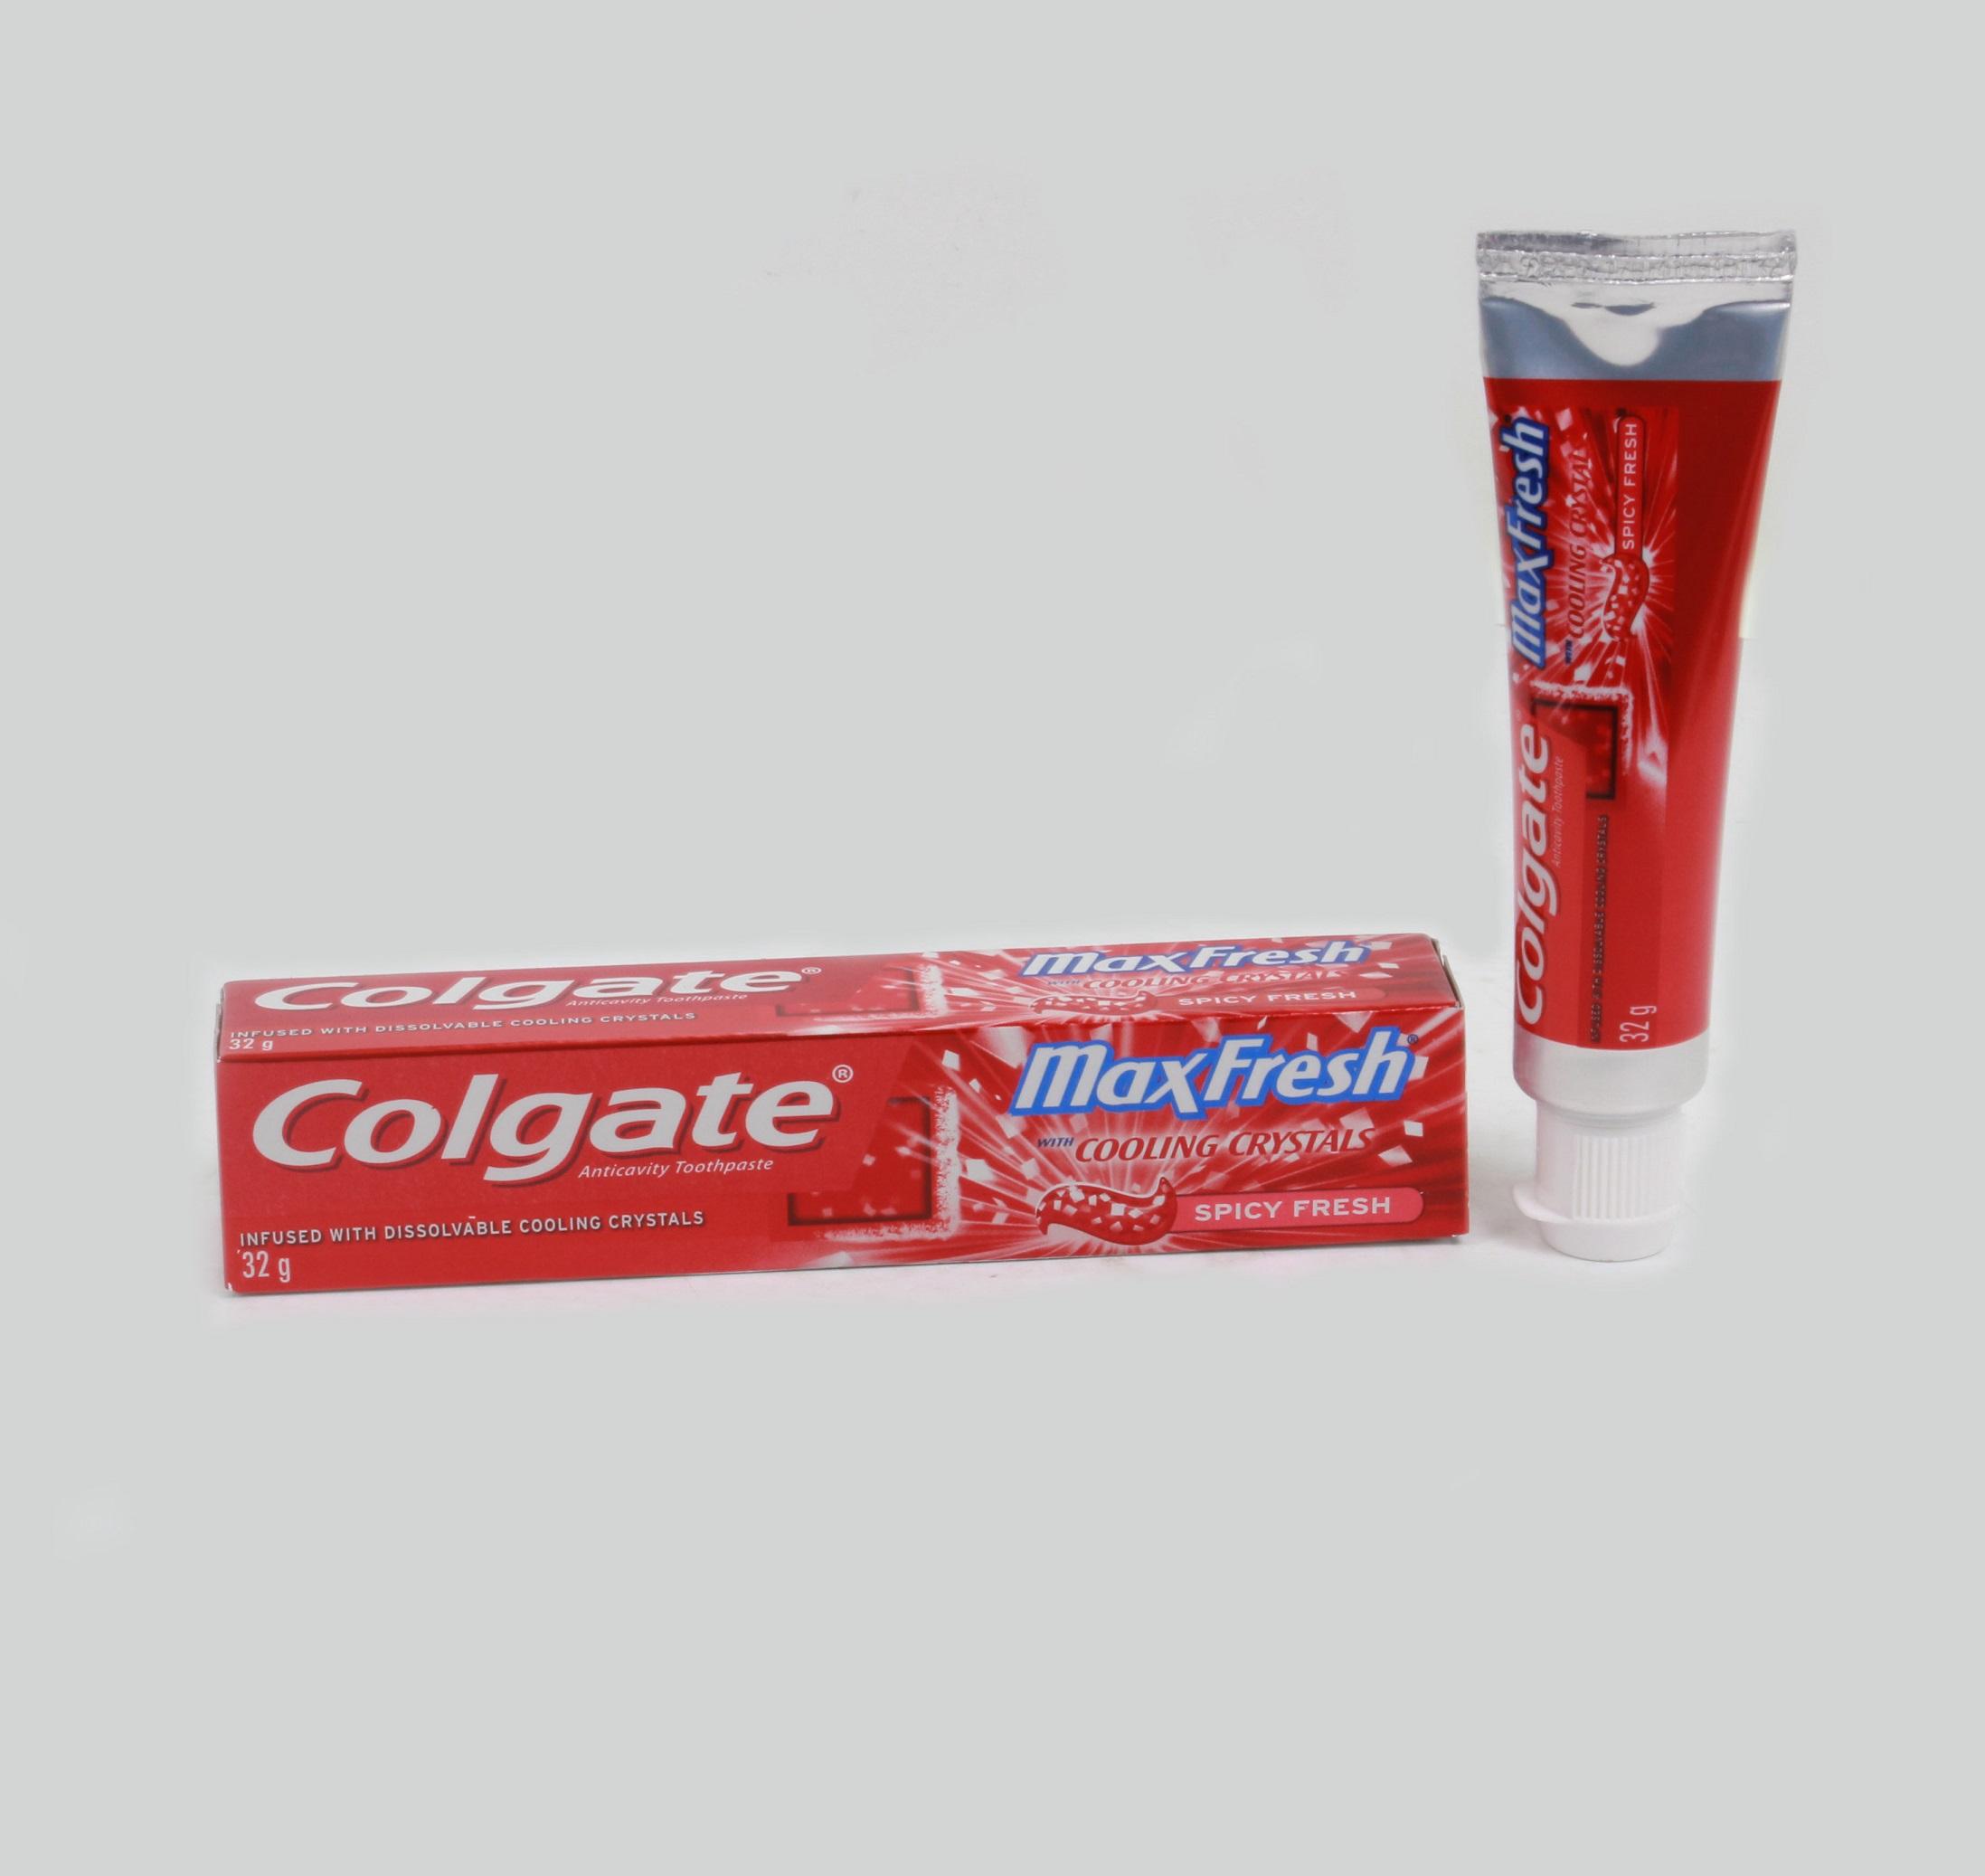 Kem đánh răng Thailand Colgate MaxFresh 32 g đỏ